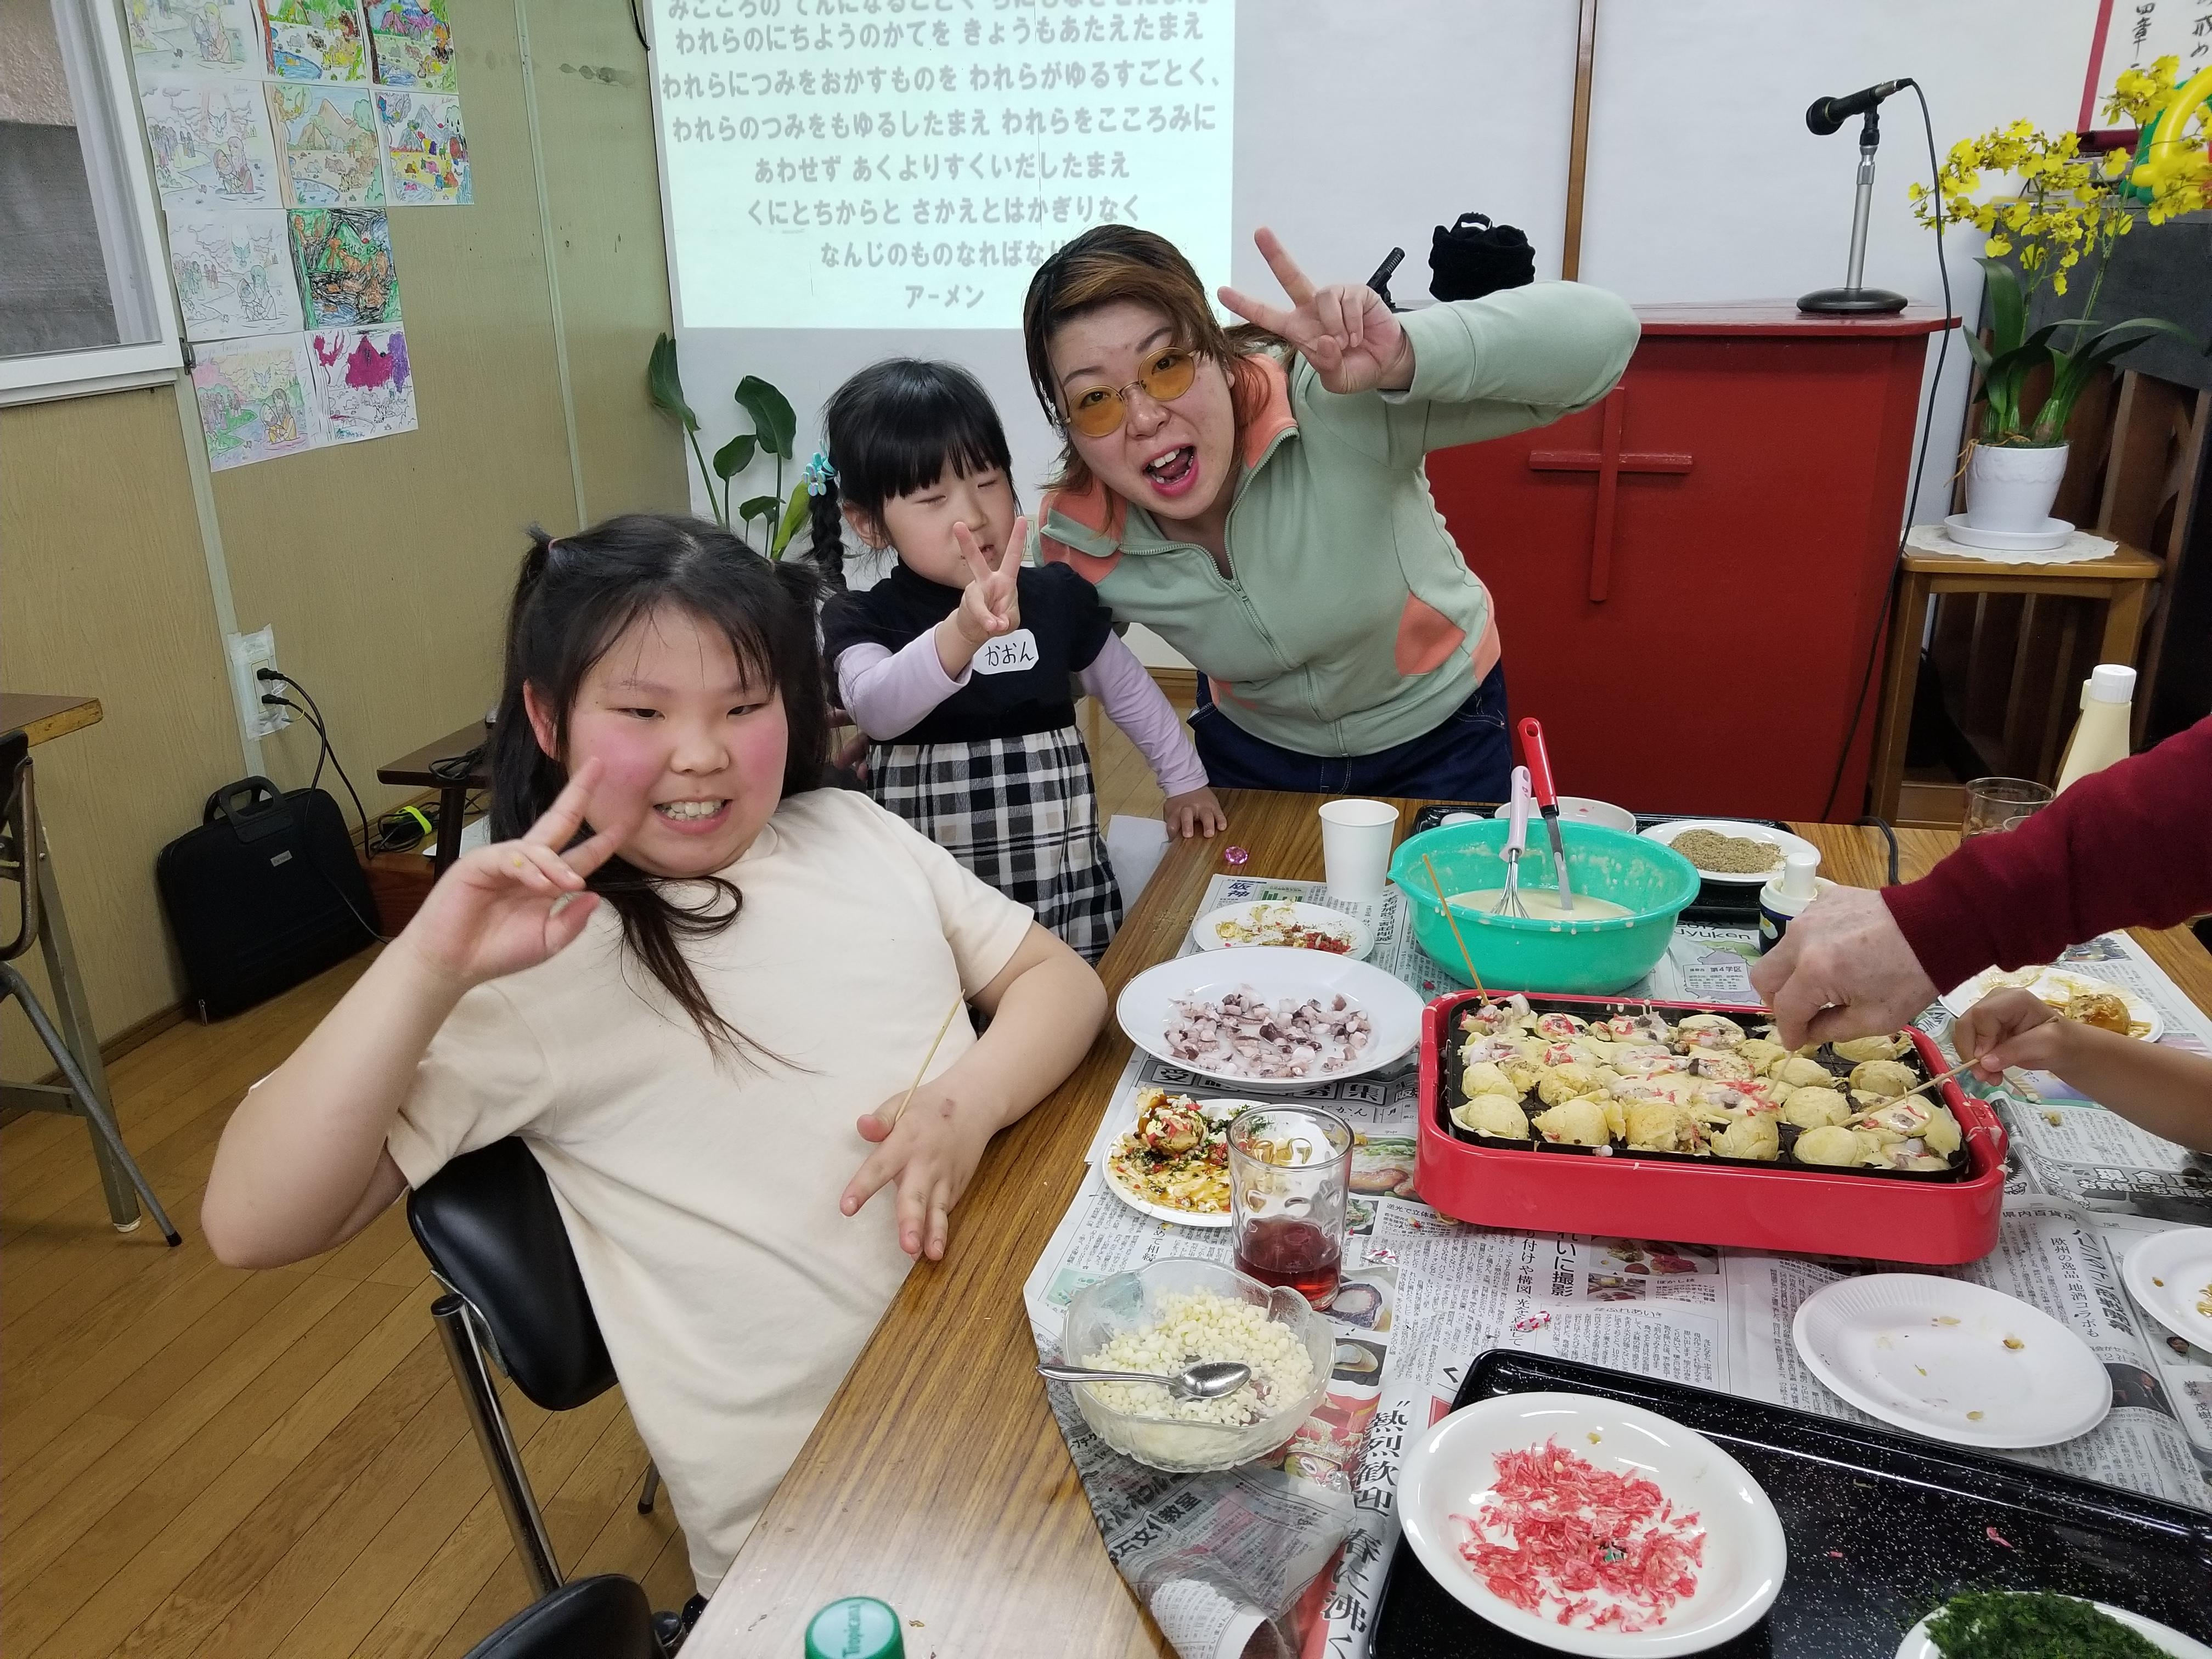 20180401 たこ焼きパーティー8